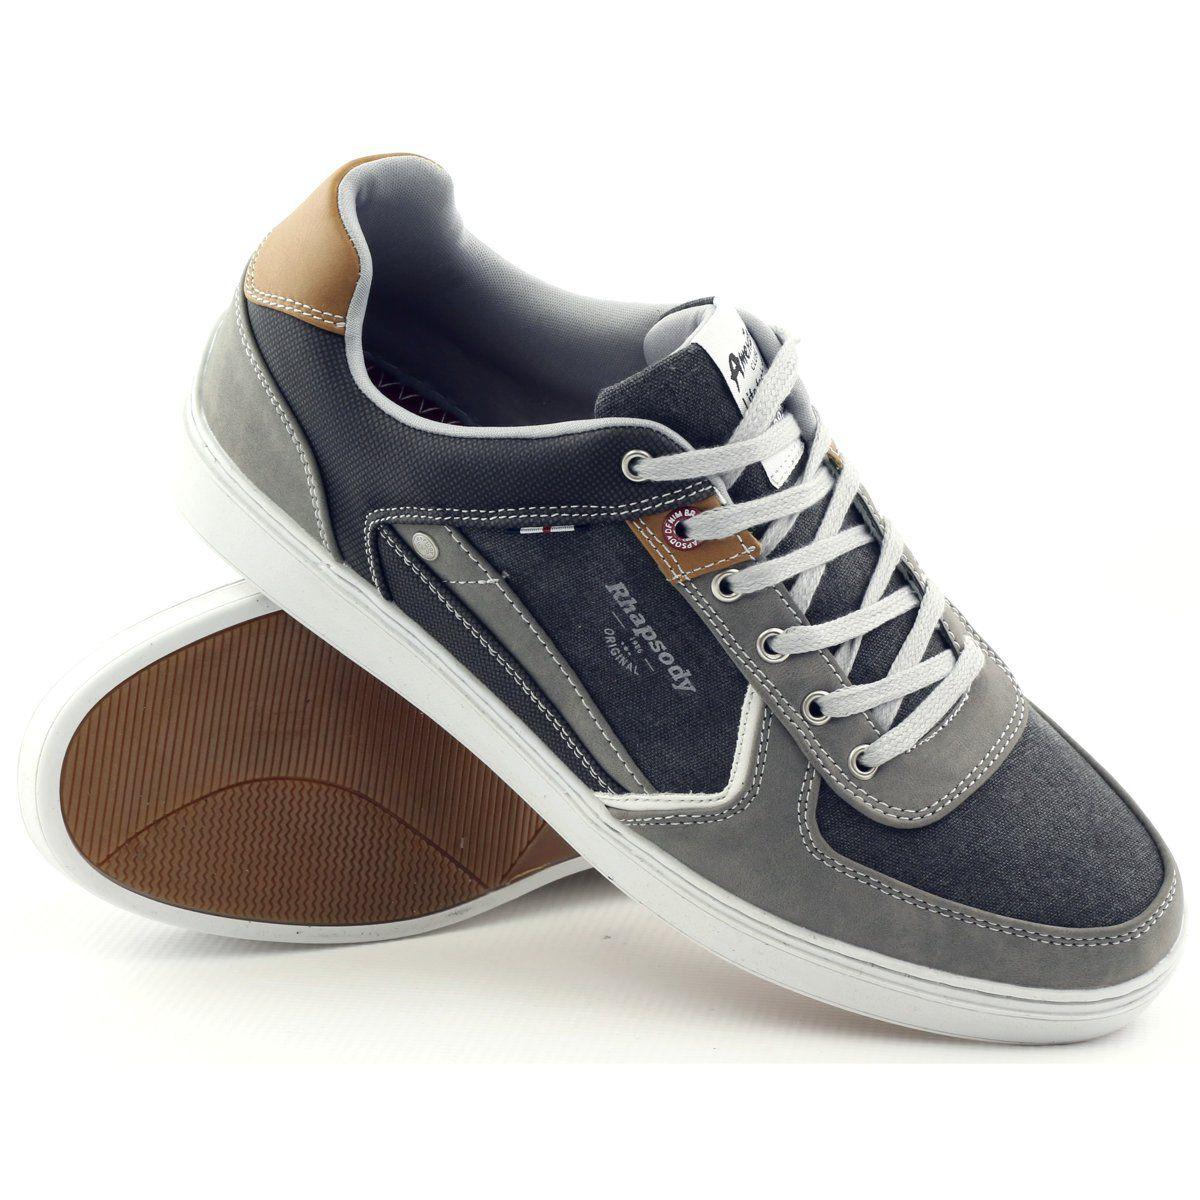 American Club Buty Meskie Trampki Sportowe Szare American 703021 Brazowe Sneakers Shoes Brooks Sneaker